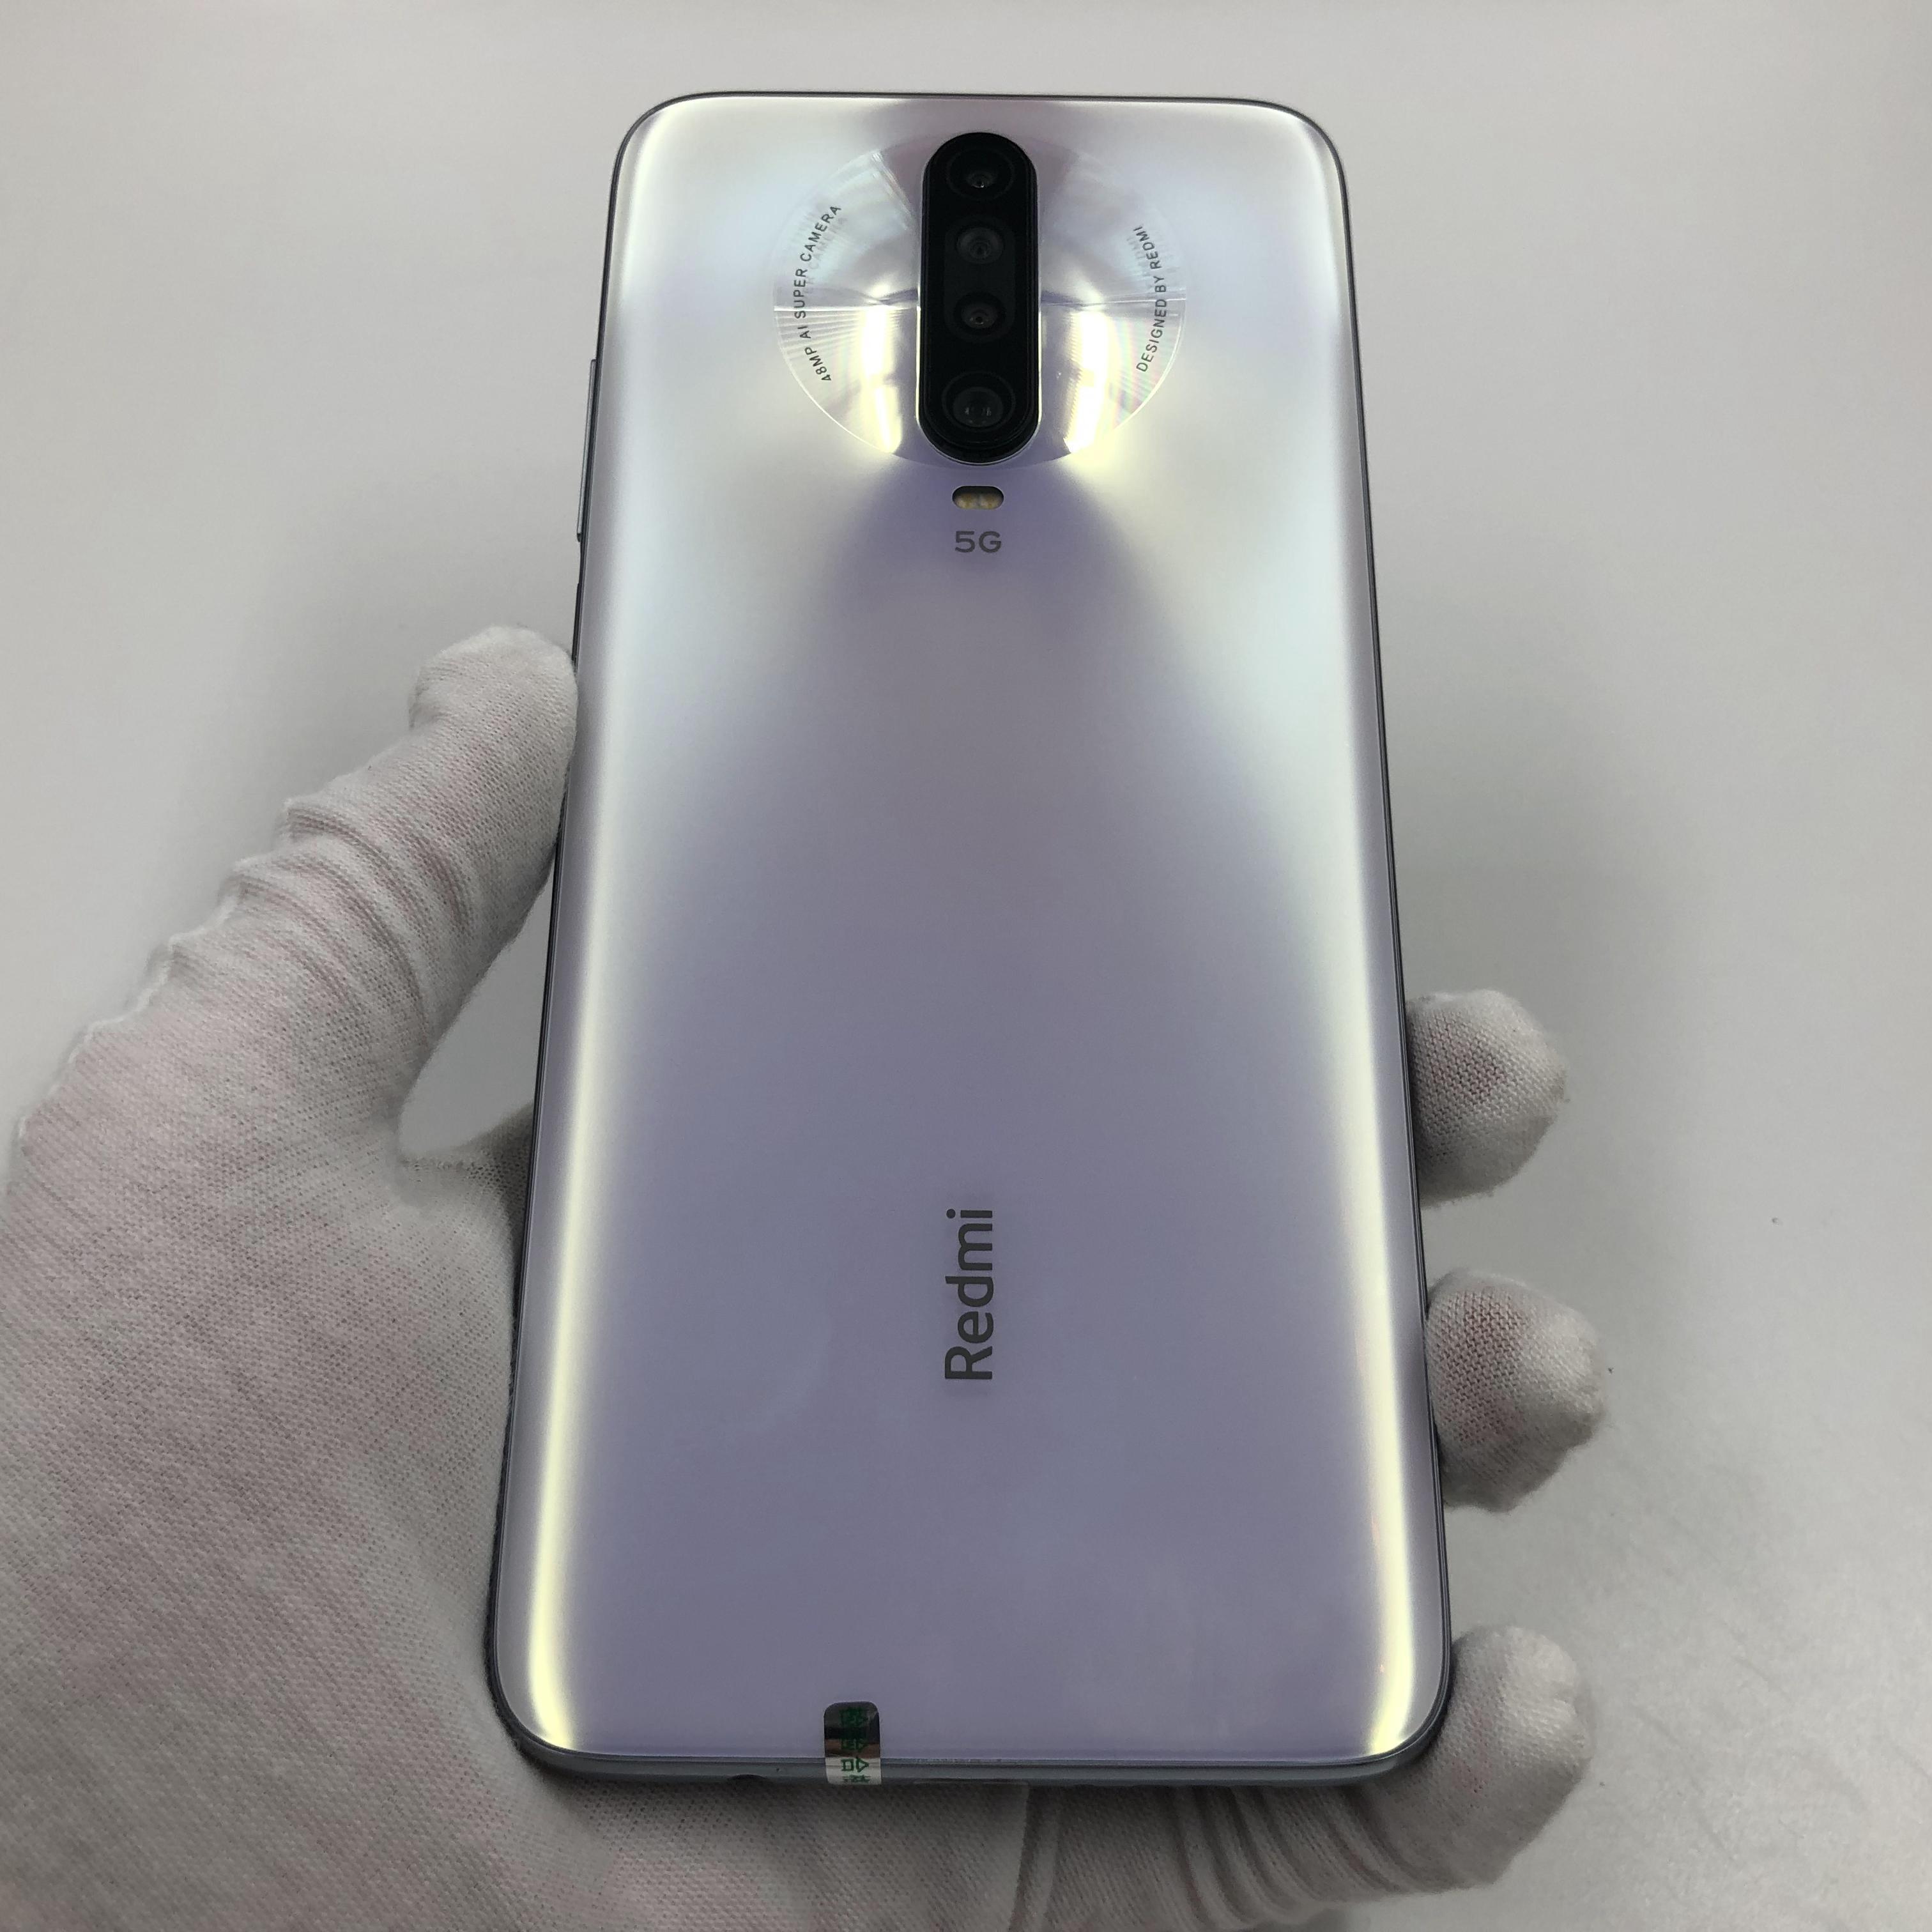 小米【Redmi K30i 5G】5G全网通 时光独白 6G/128G 国行 9成新 真机实拍